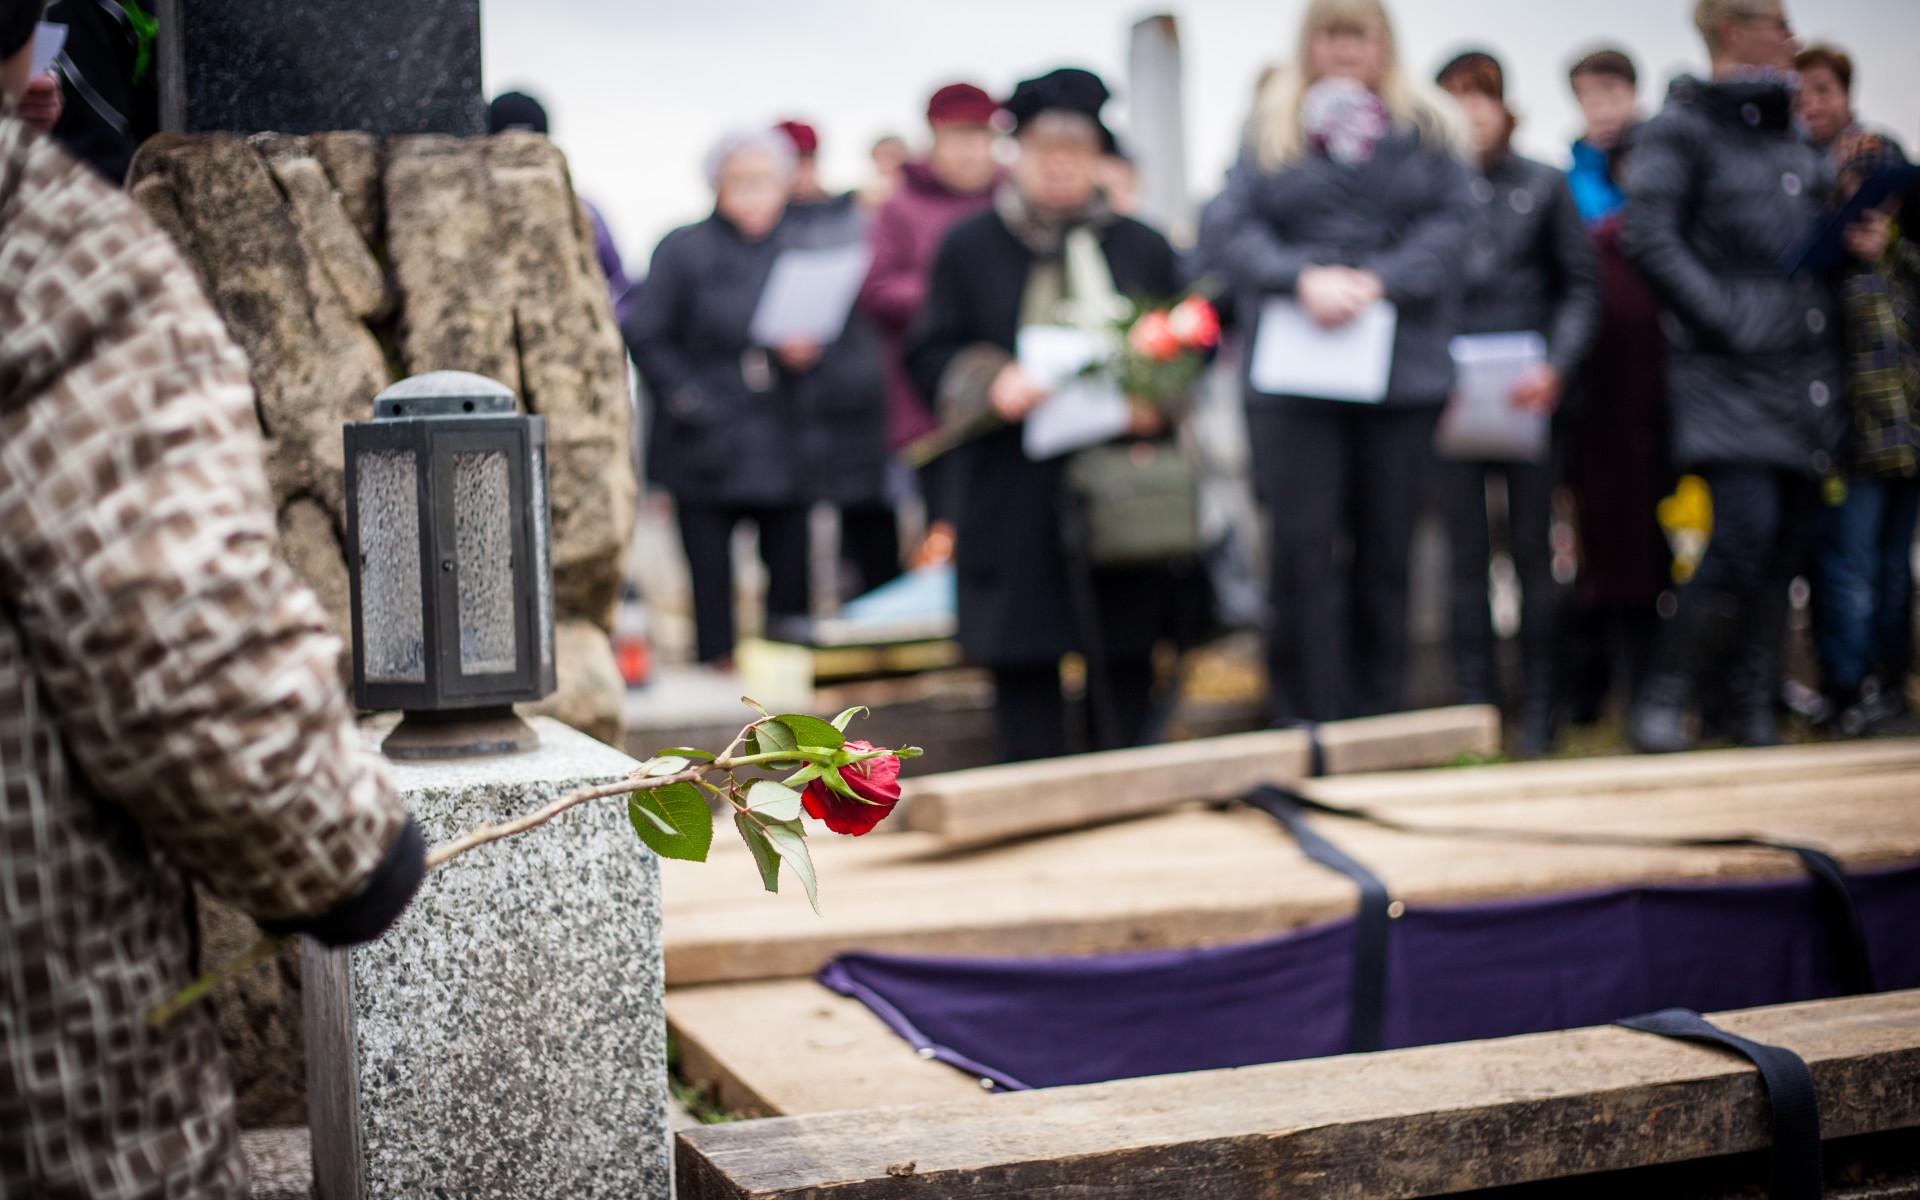 Пермякам рекомендовали отказаться от посещения похорон в период полной…